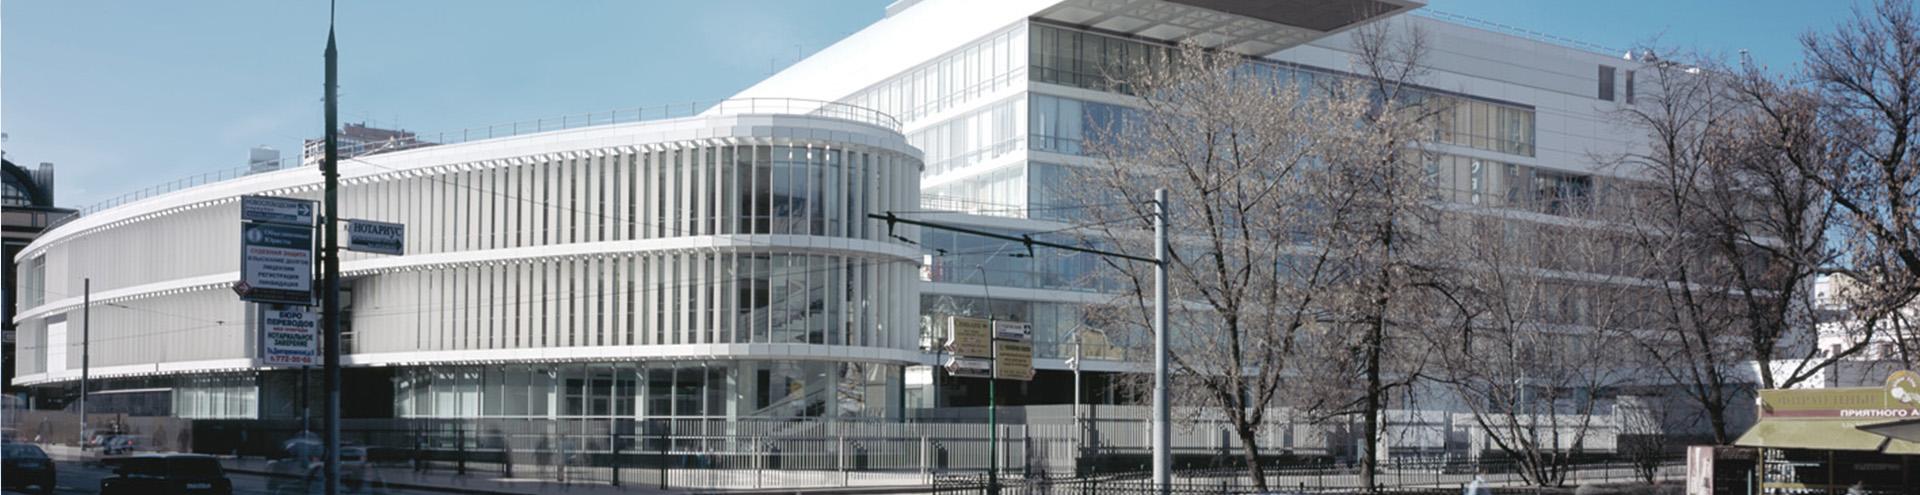 арбитражный суд Липецка